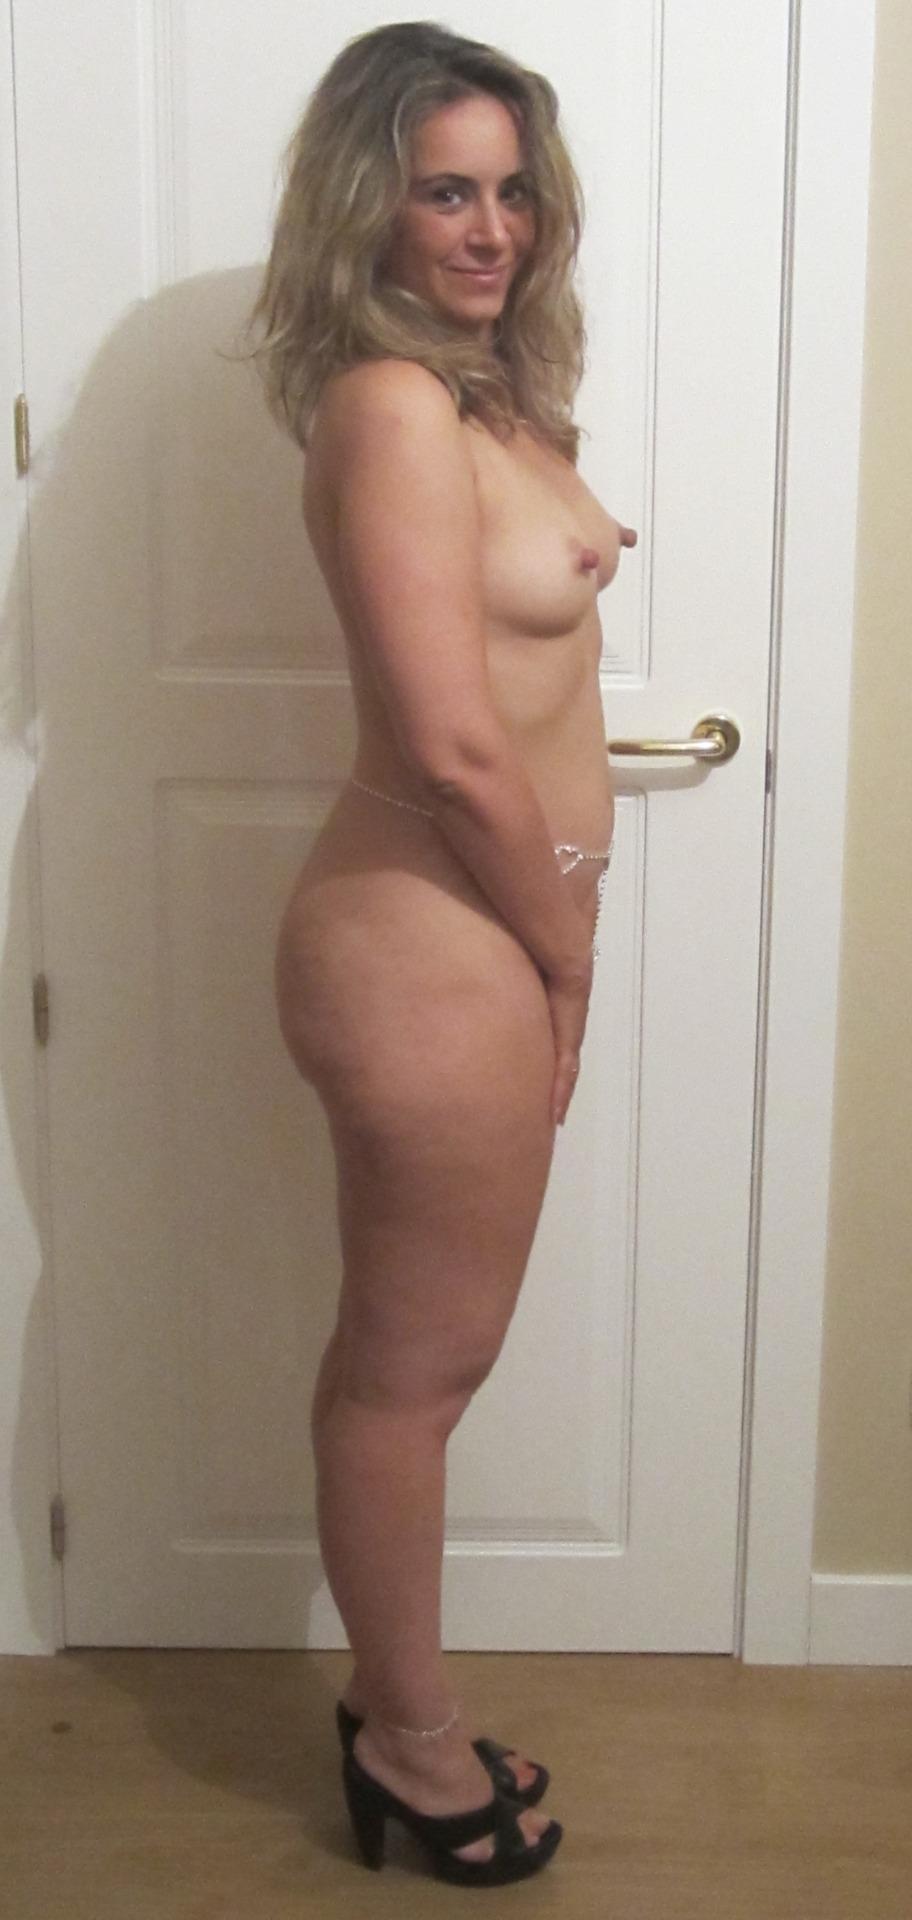 Mature bare naked women Just Plain Bare Naked Mature Women Igfap